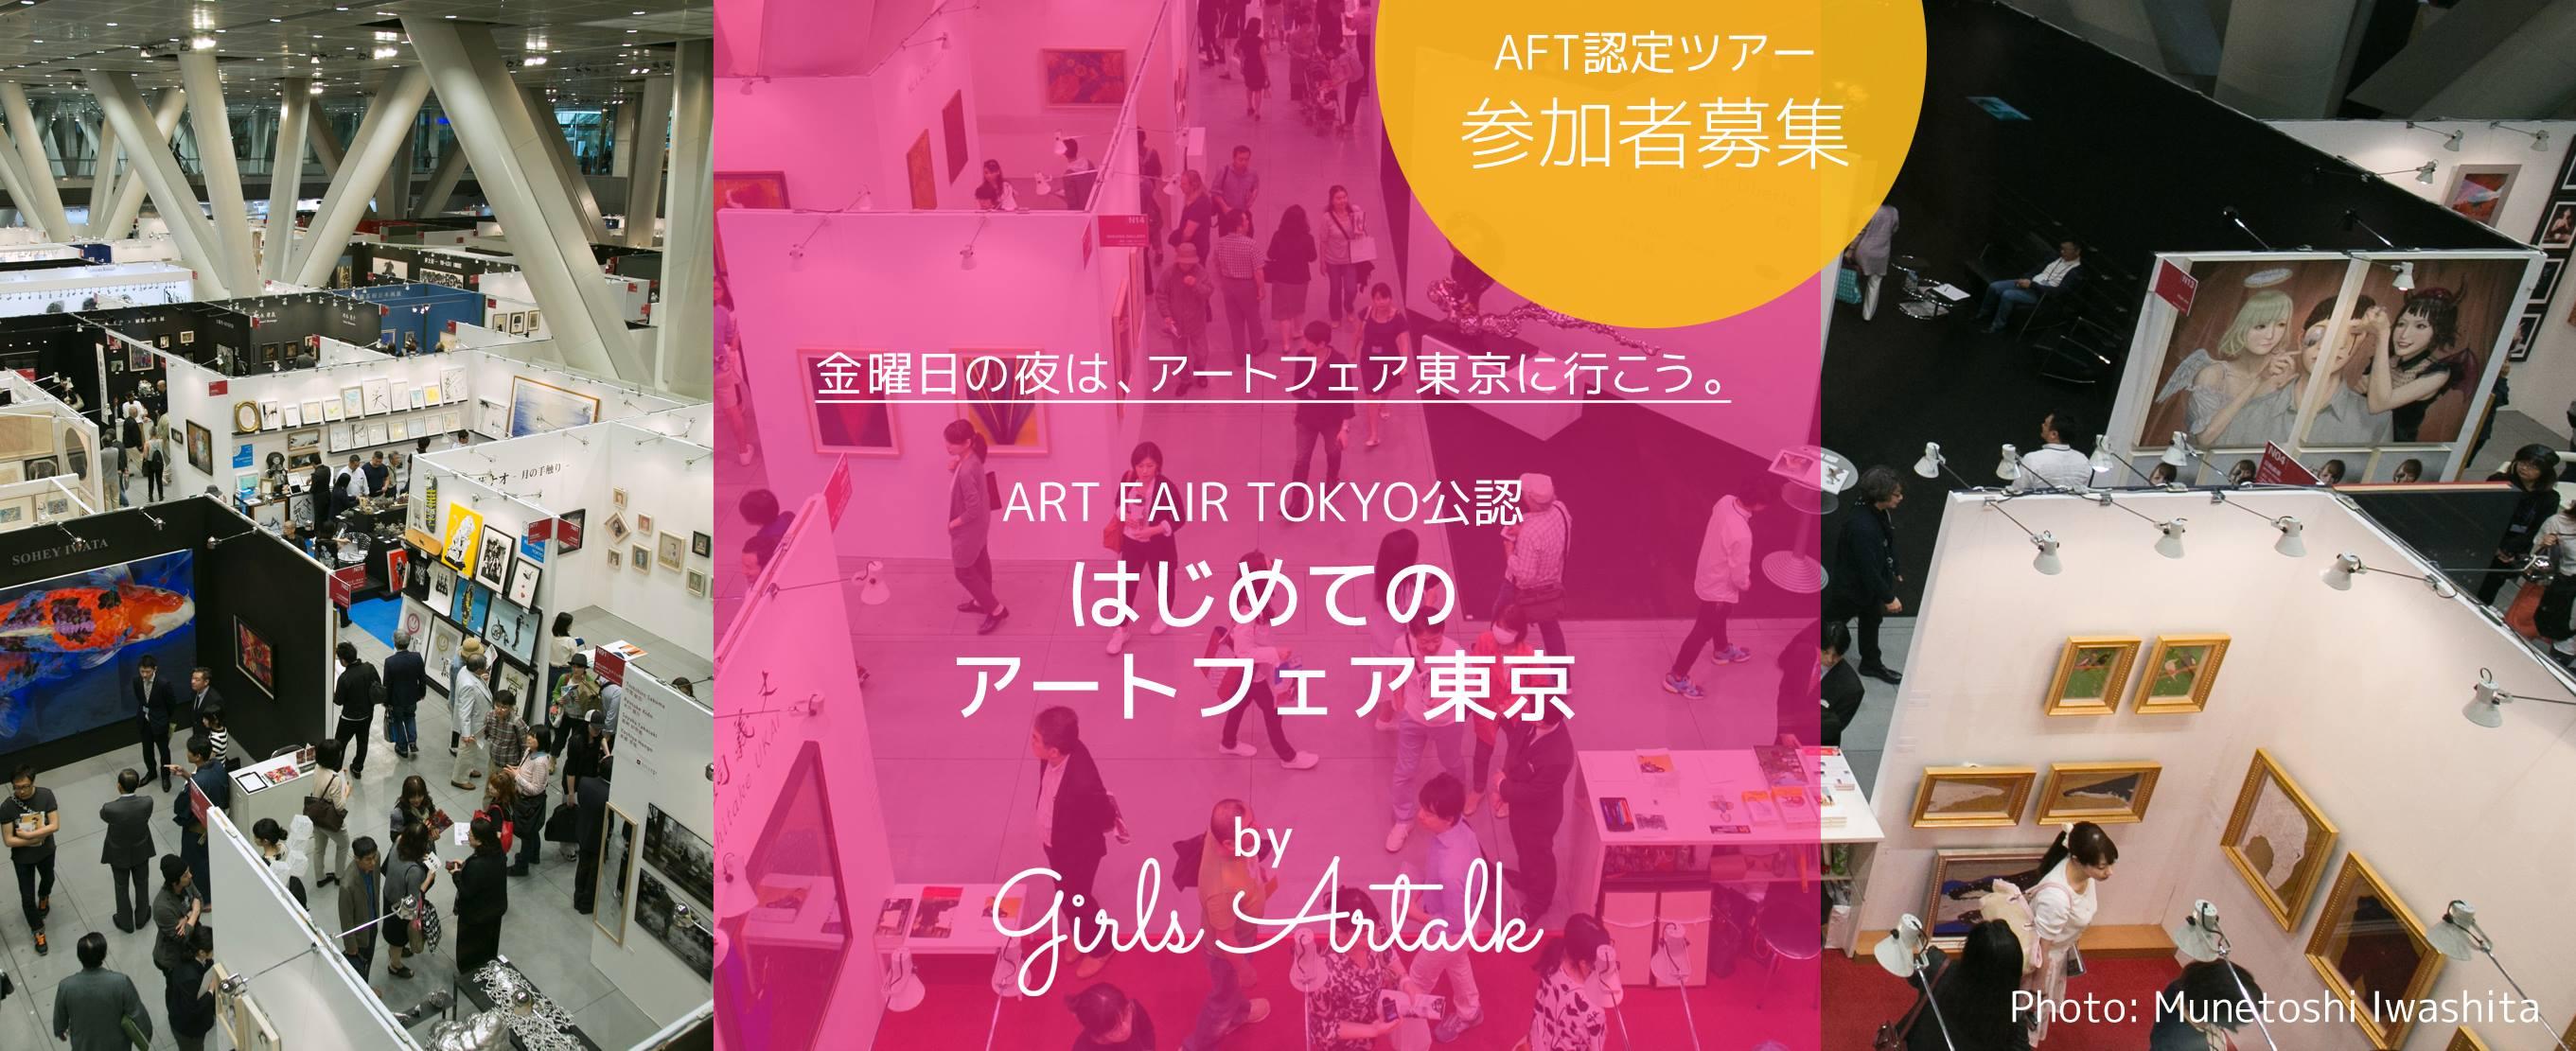 金曜日の夜は、アートフェア東京に行こう。【AFT公認ツアー】